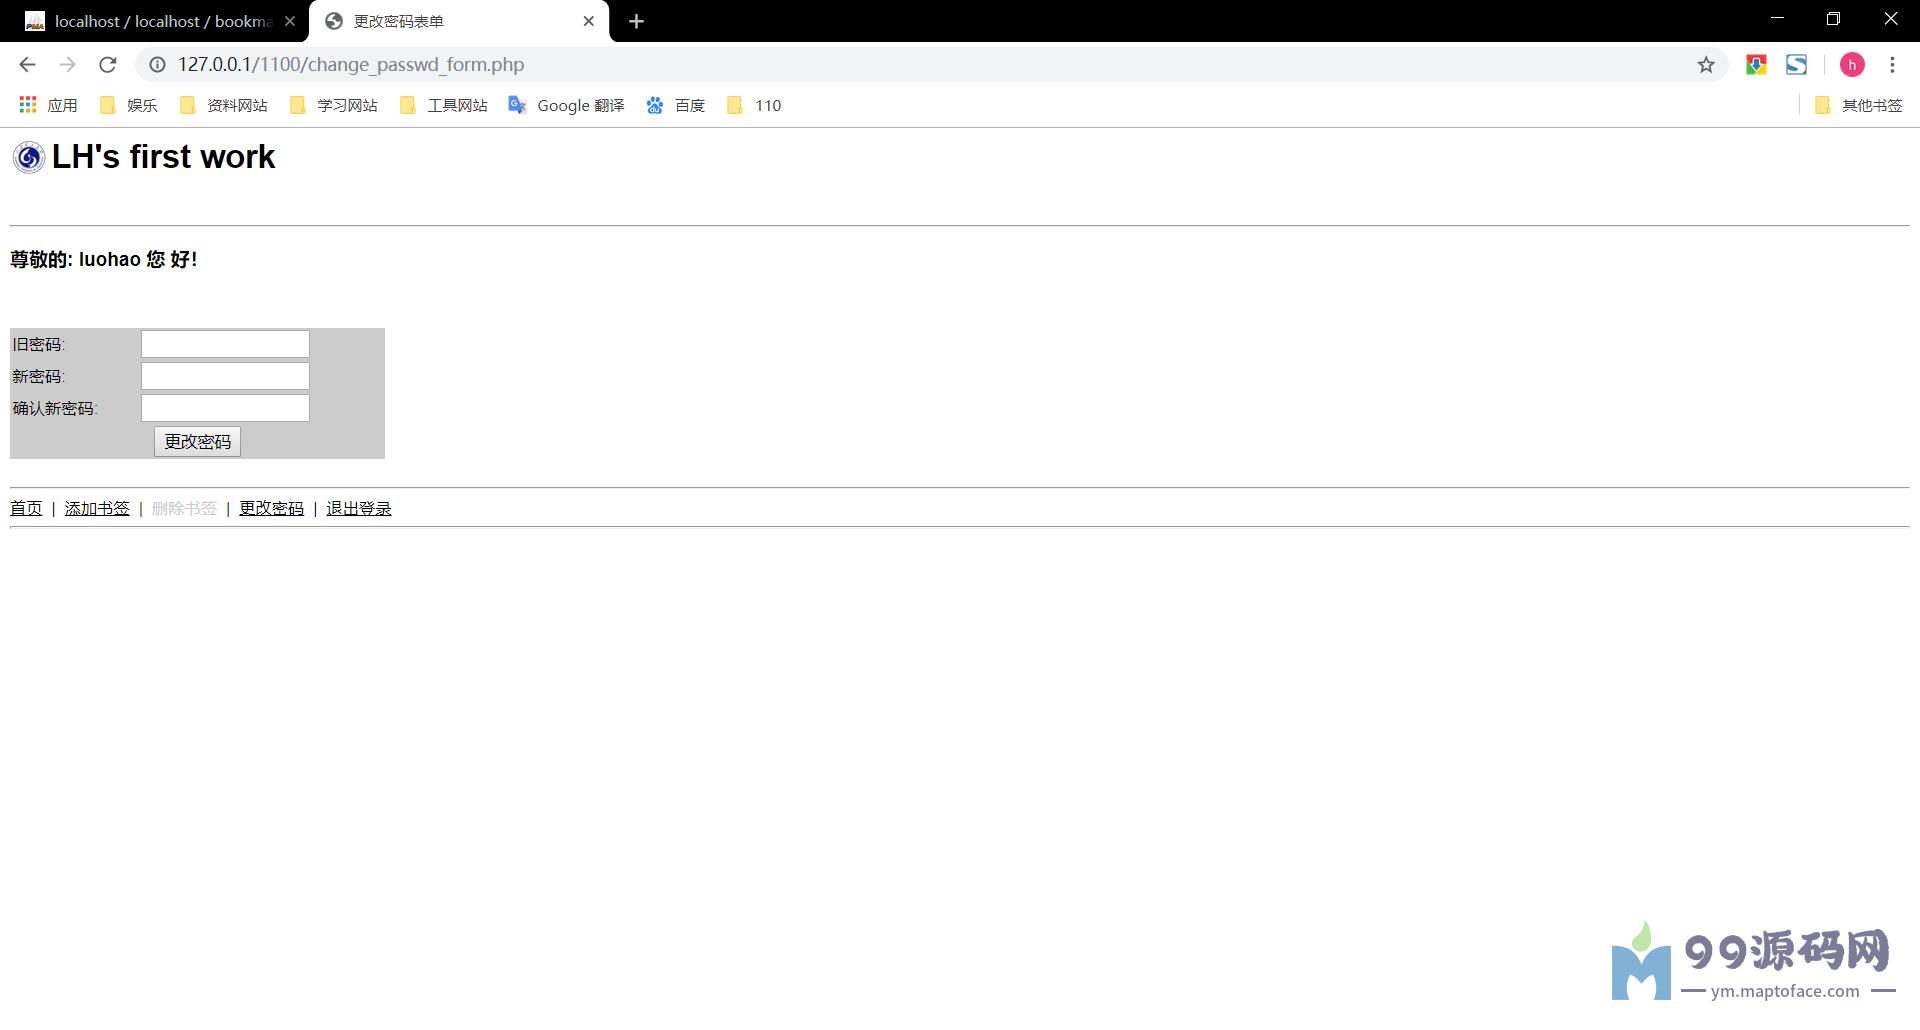 php书签项目现用户的登录 、注册 、修改密码、重置密码、添加书签,显示书签,删除书签 等功能